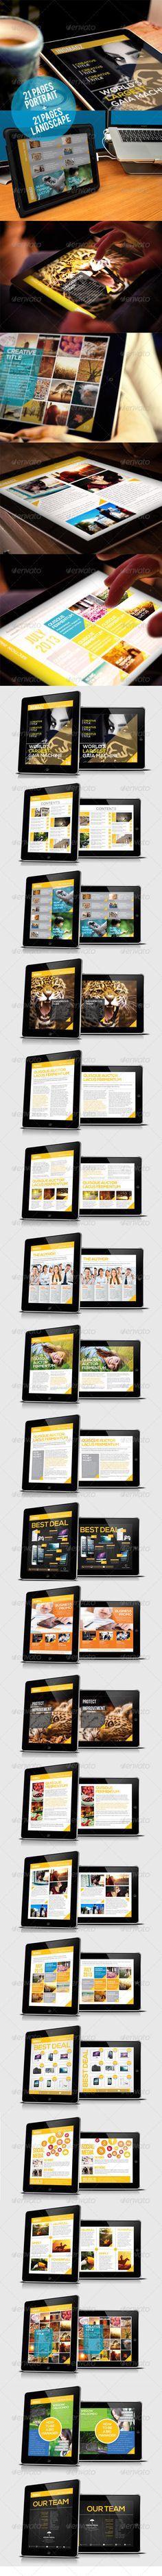 Ingmagz Tablet Magazine Template - Digital Magazines ePublishing